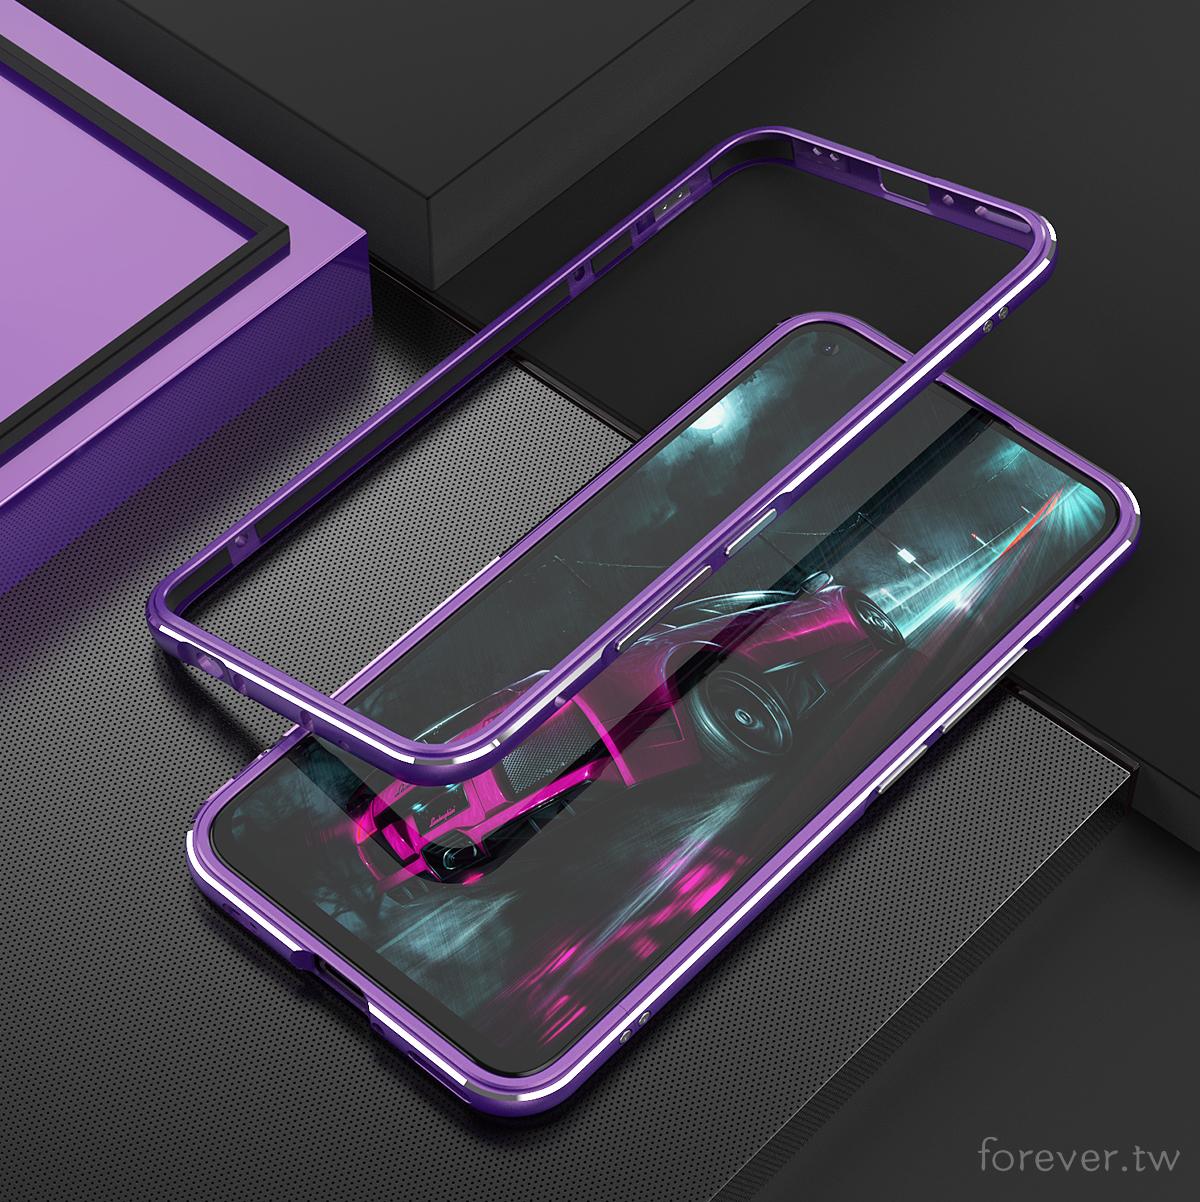 送玻璃貼 鋁合金金屬邊框保護殼 適用於Sony Xperia 10 II Sony Xperia 1 II防摔防撞殼